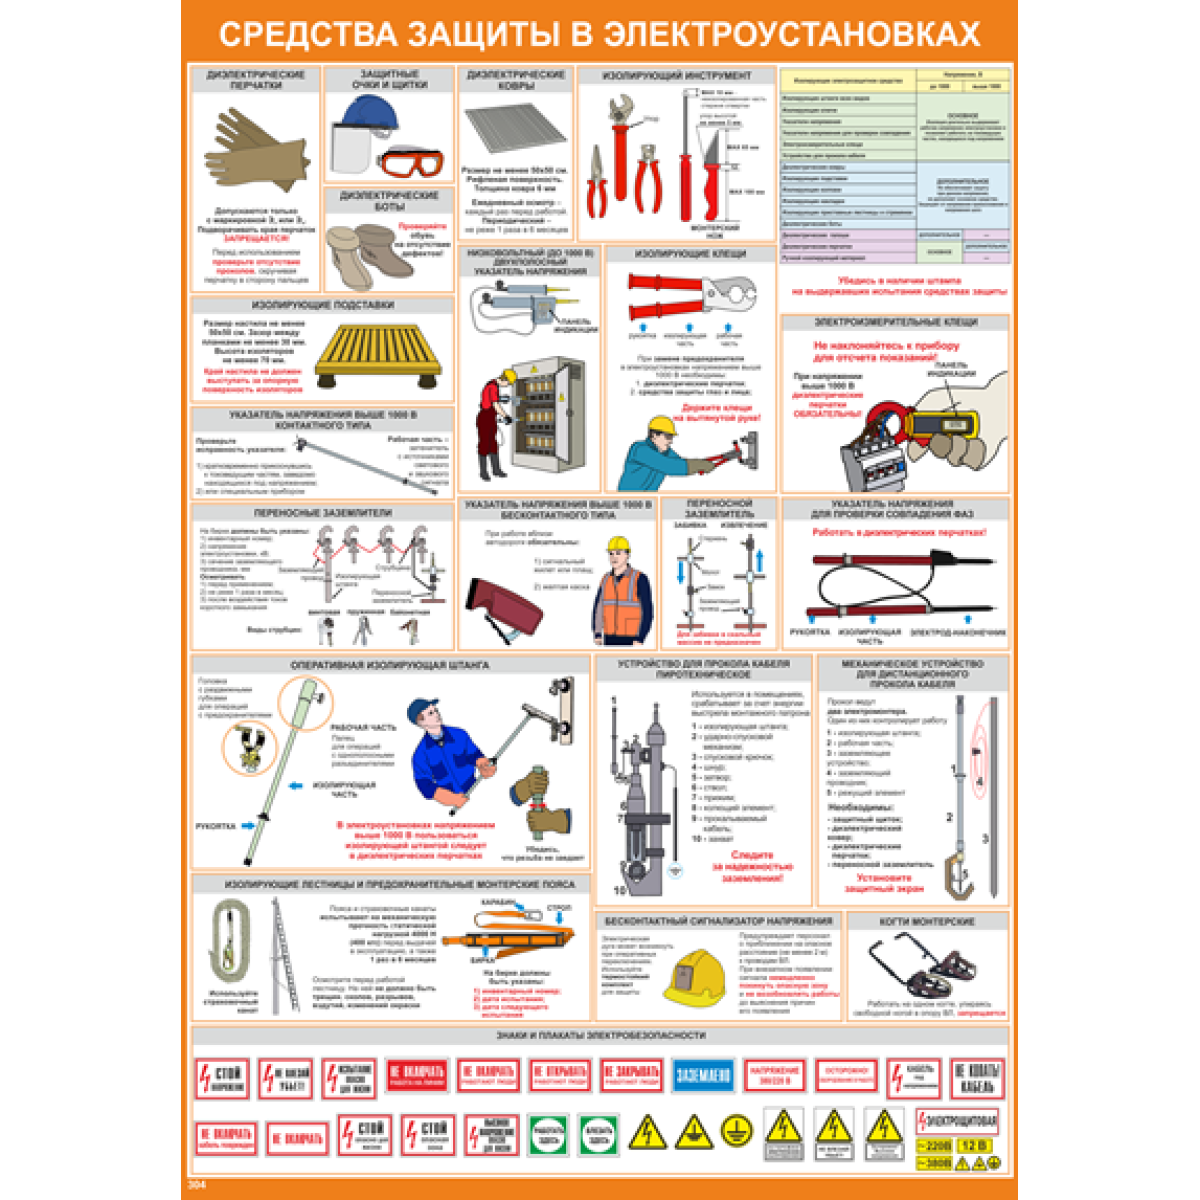 Плакат по охране труда Средства защиты в электроустановках